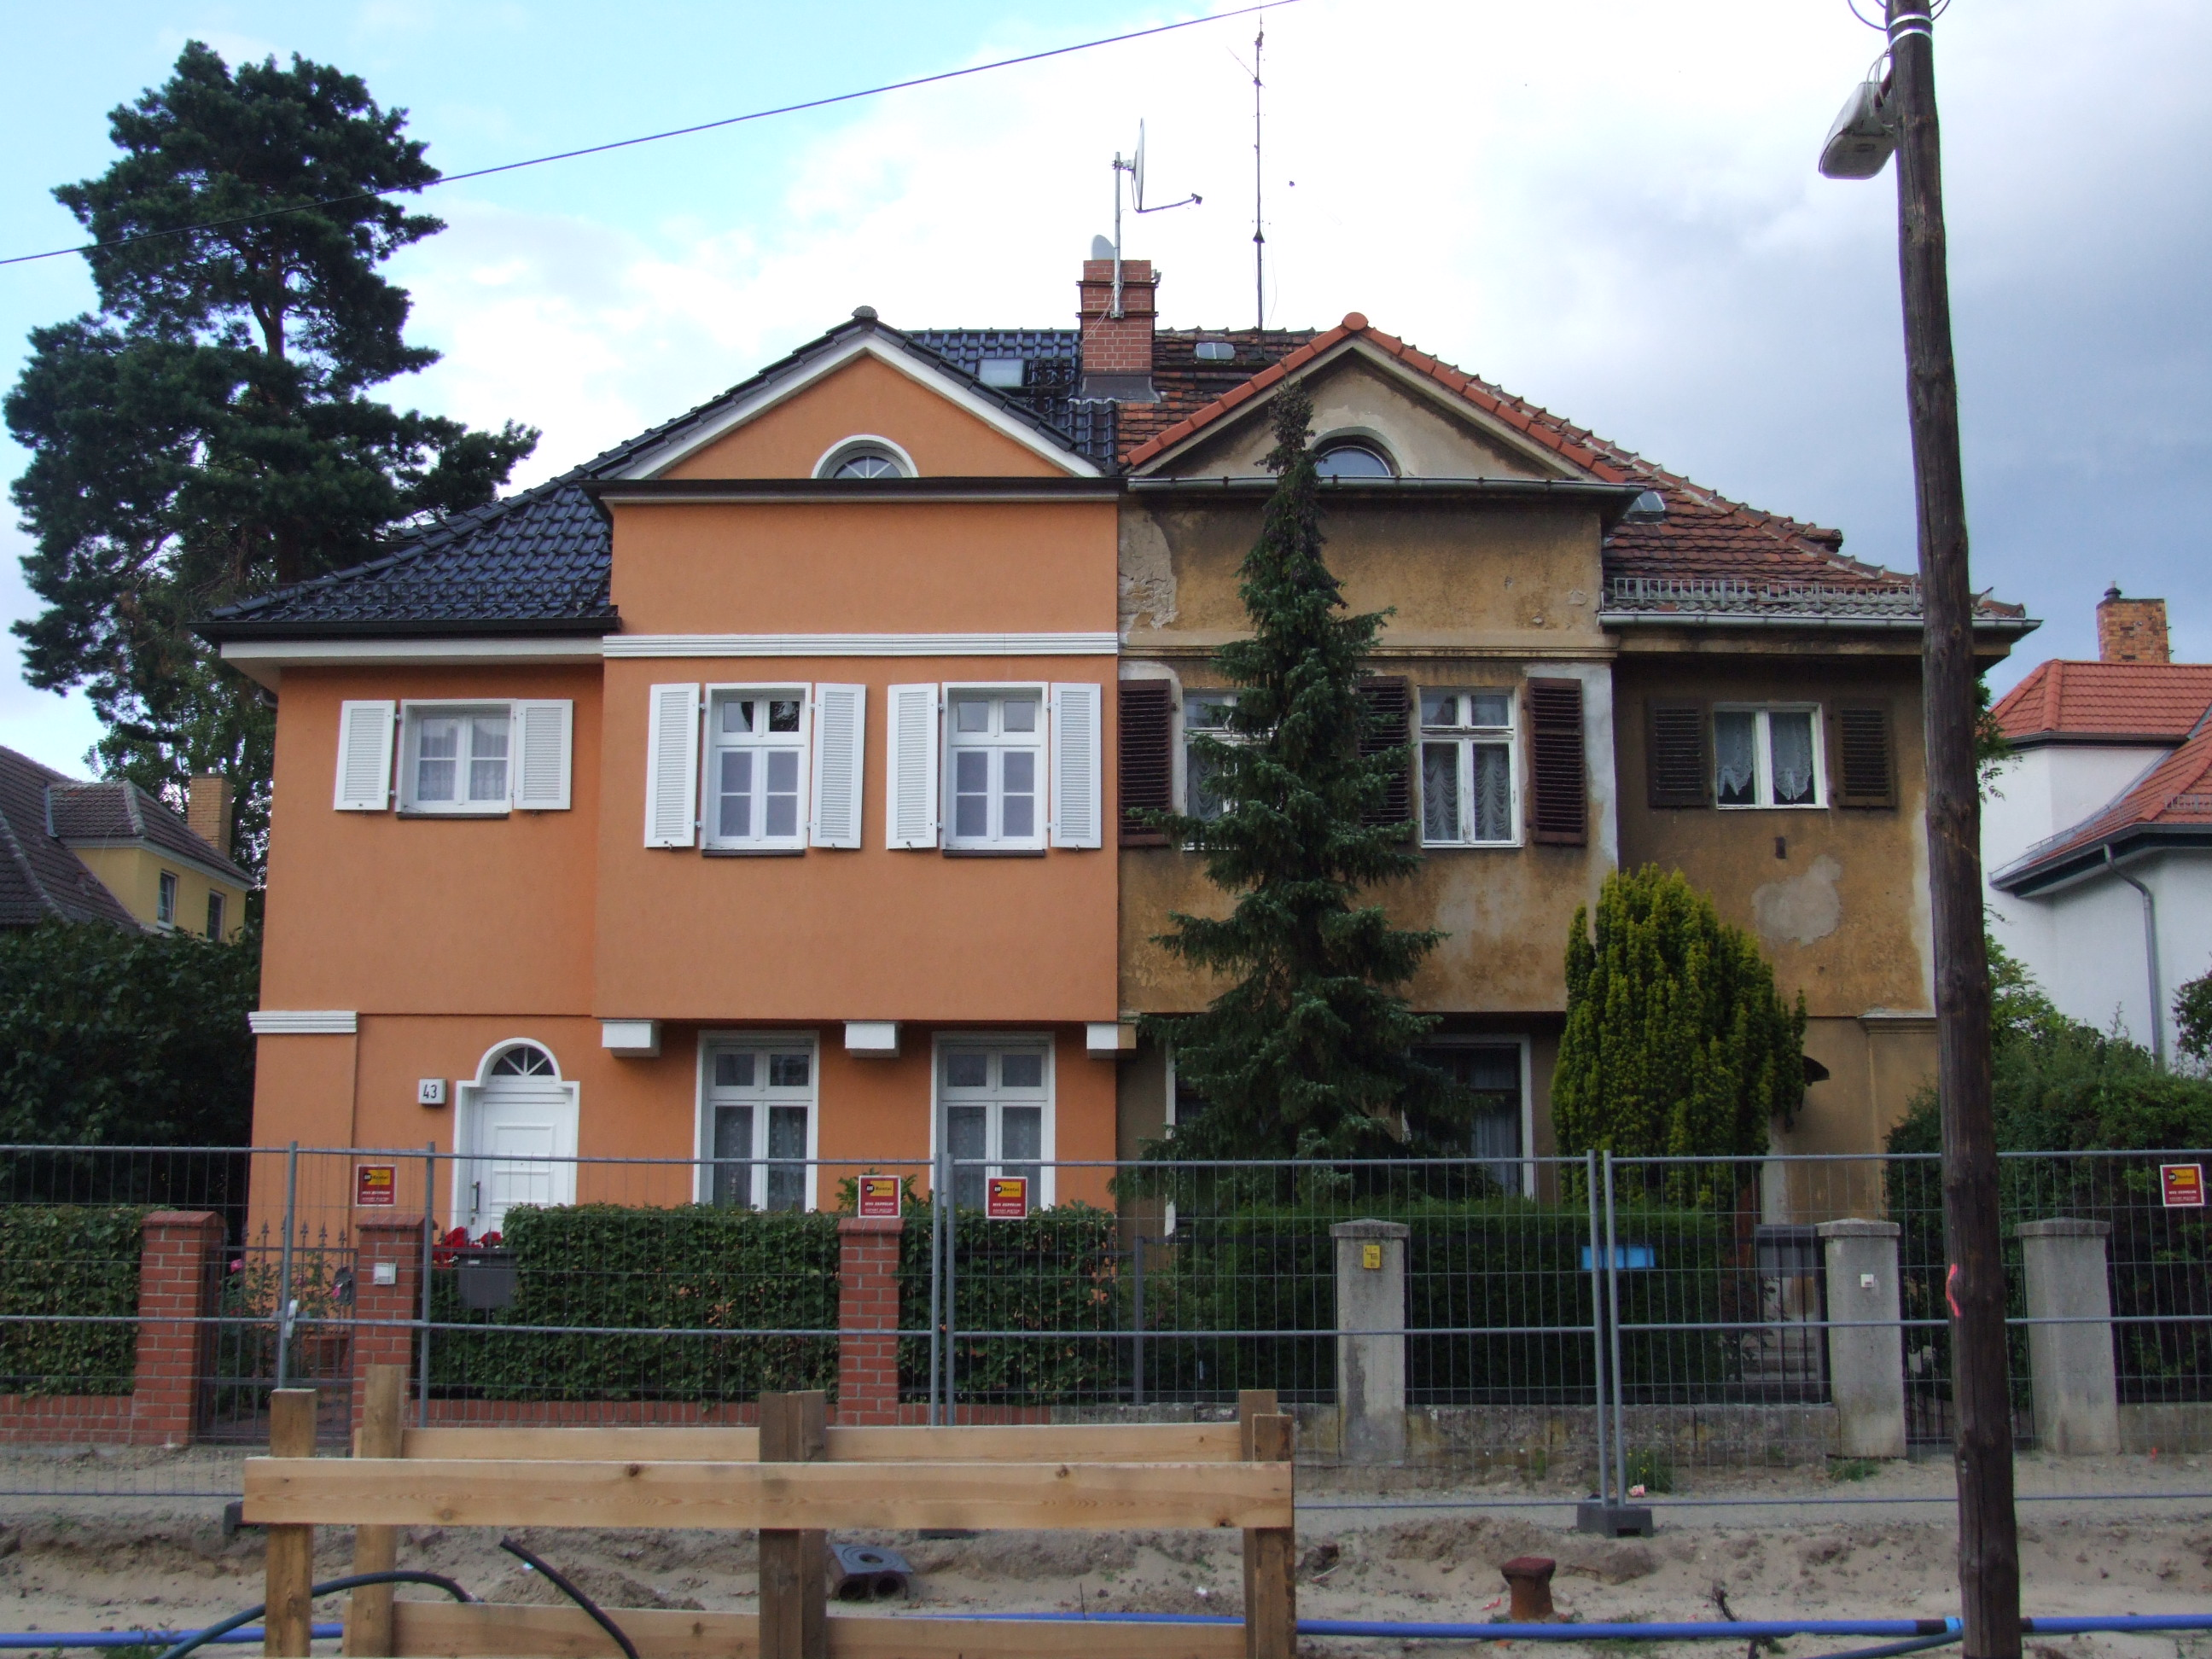 Doppelhaushälfte Sanieren datei:sanierung doppelhaushälfte – wikipedia